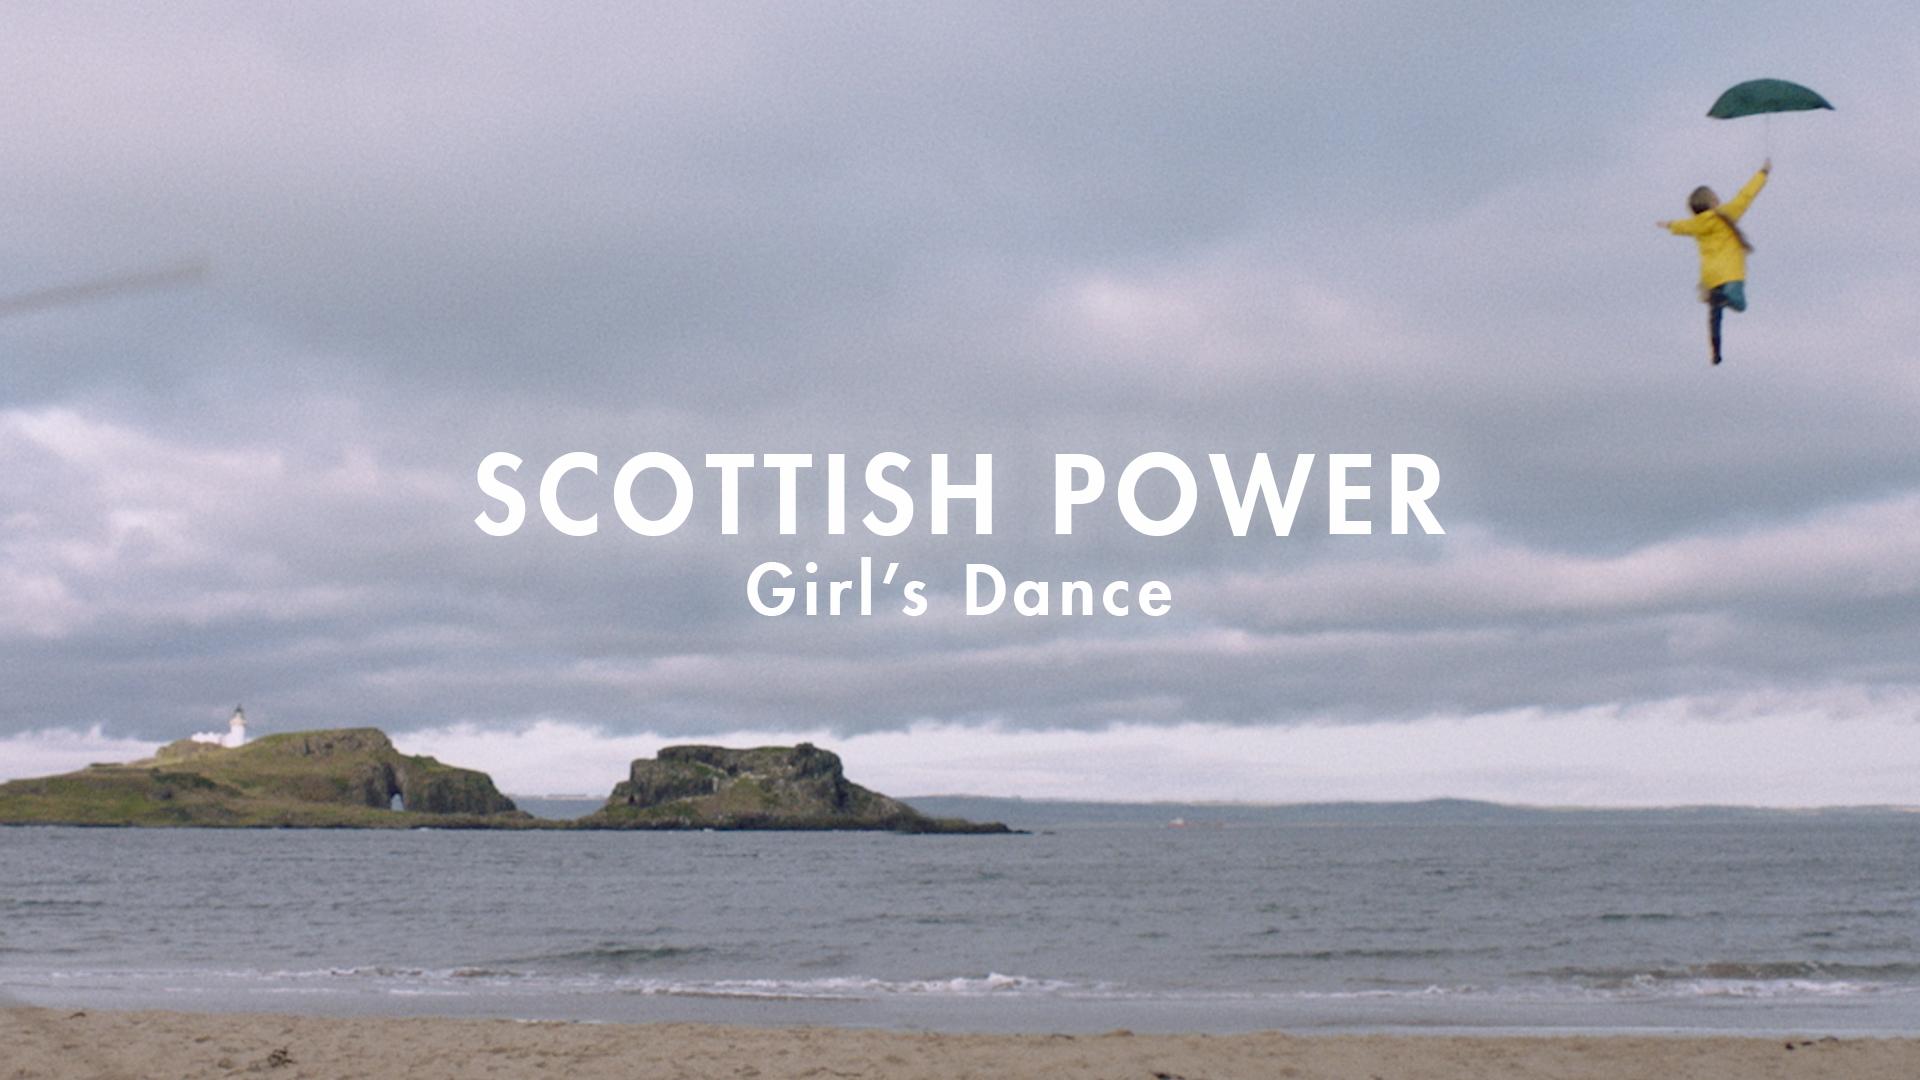 Scottish Power - Girl's Dance